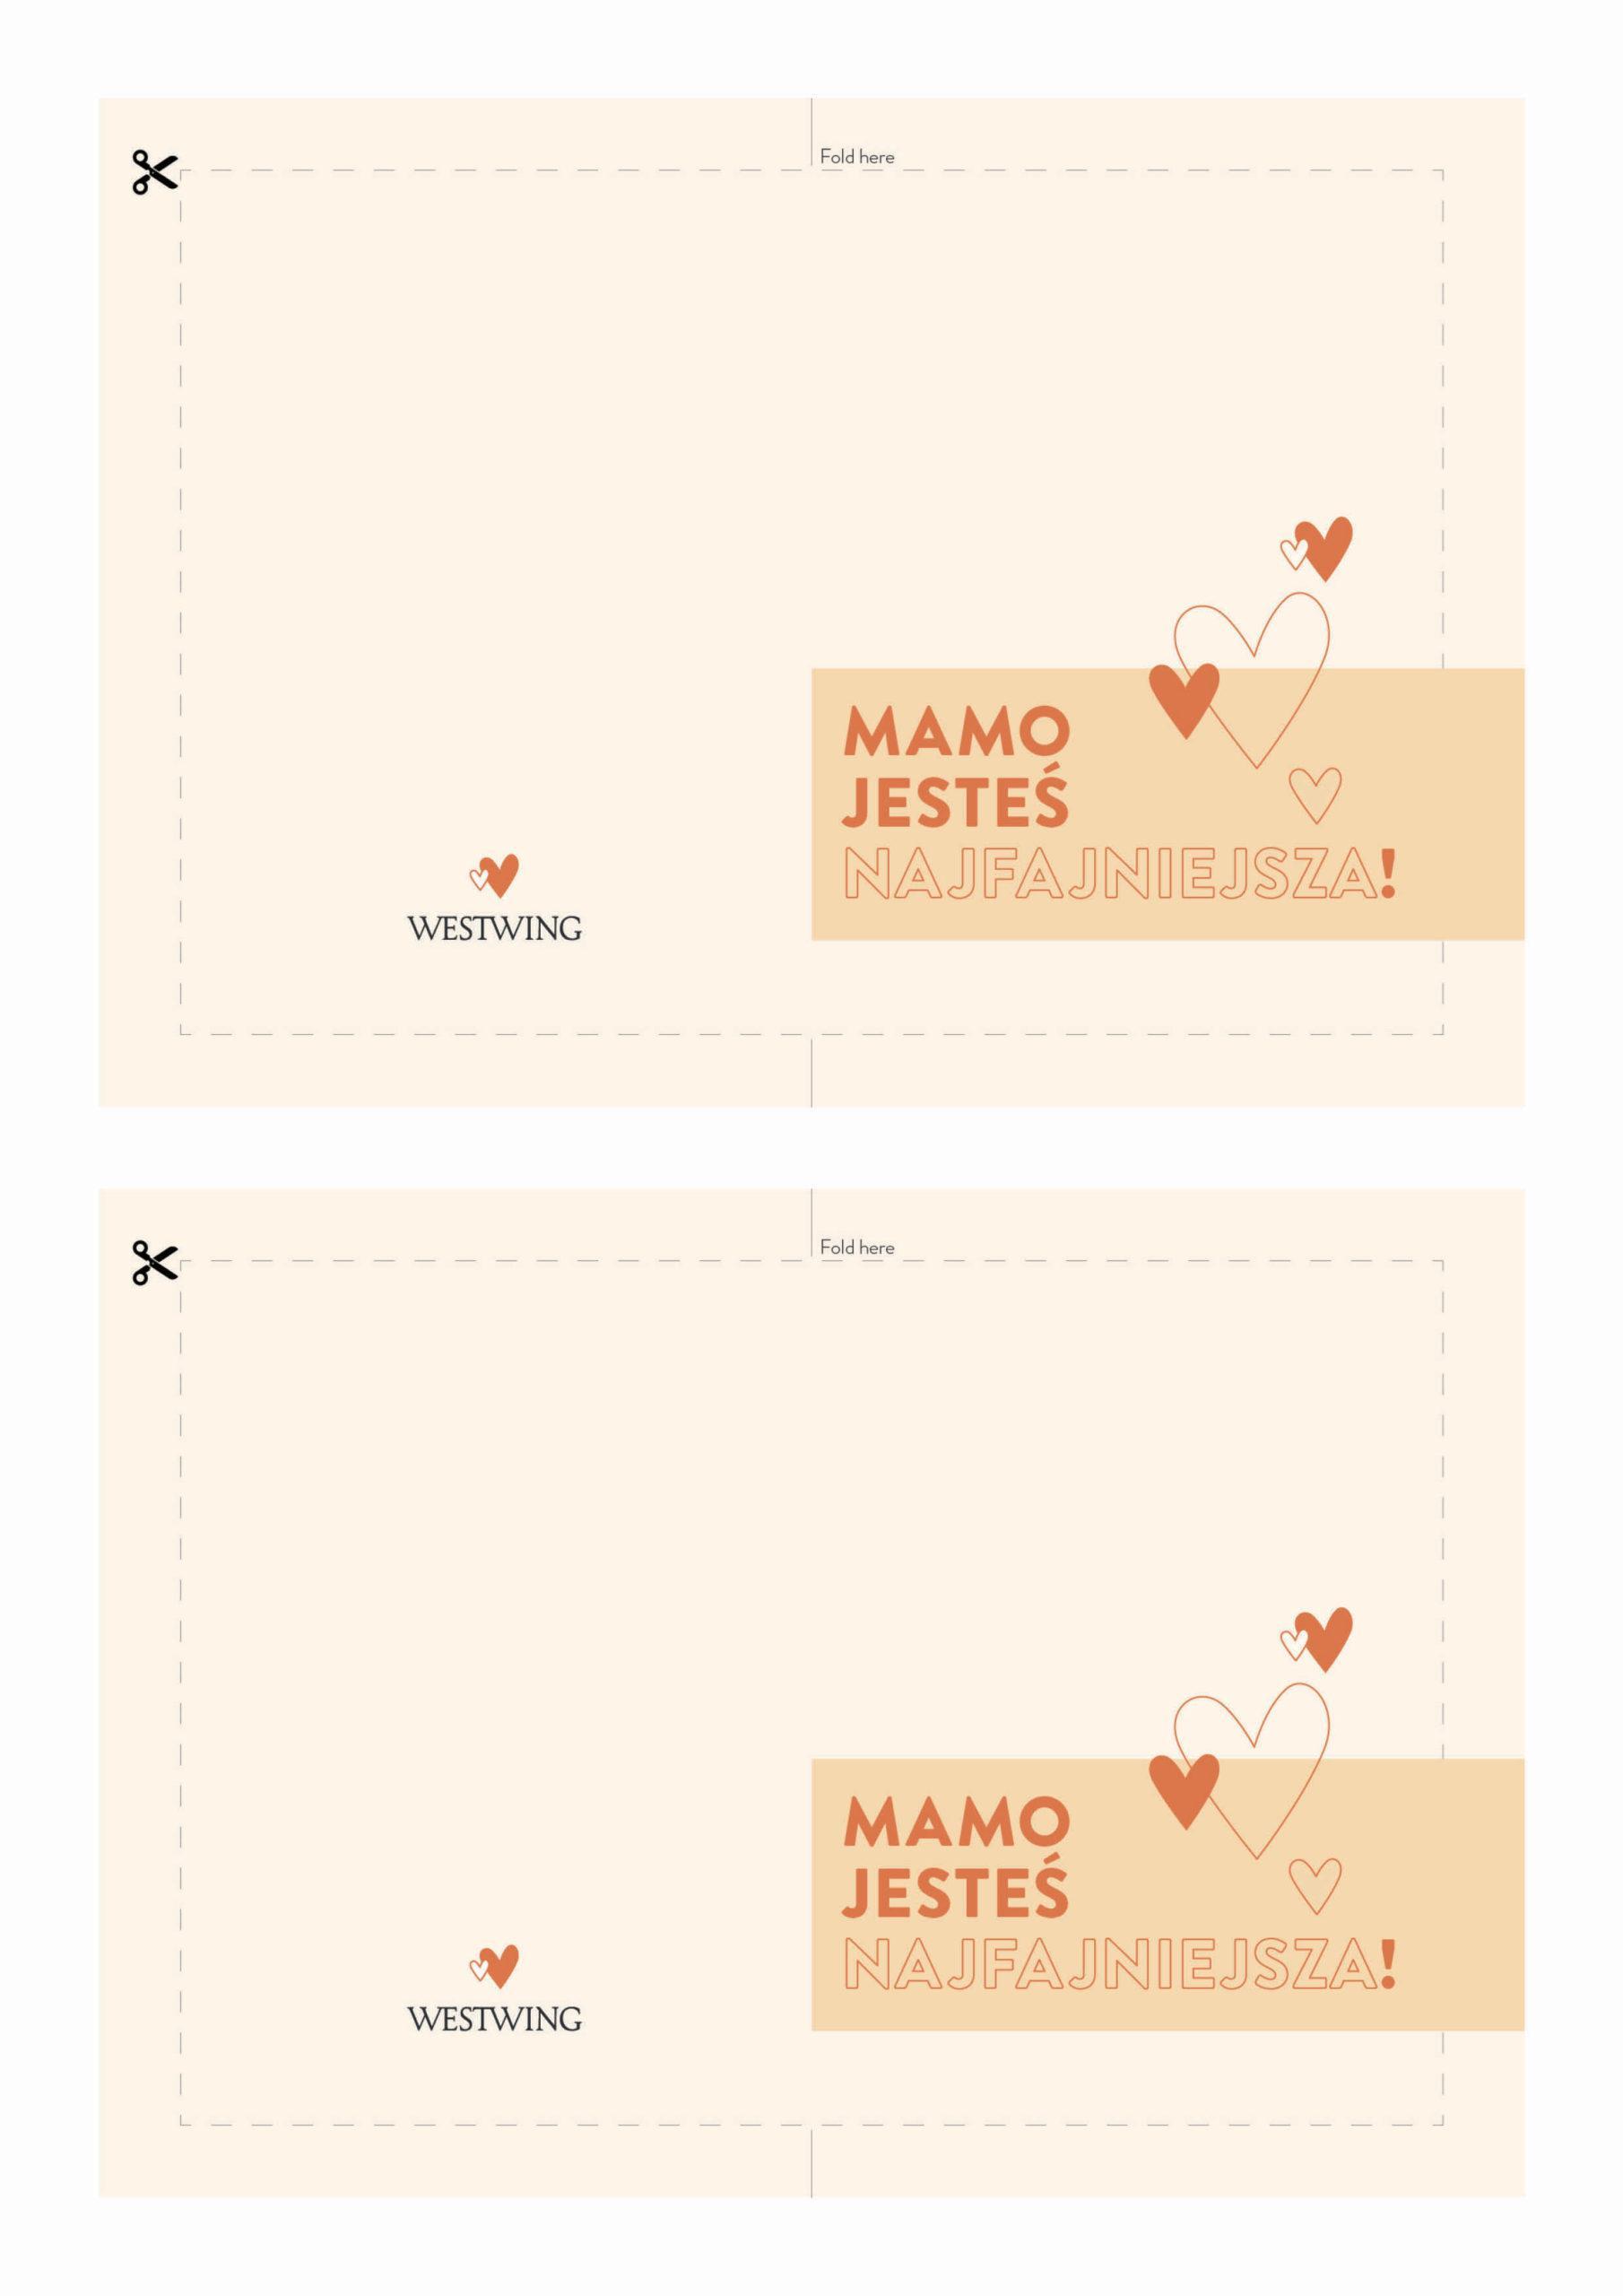 kartka do wydrukowania jako pomysł na prezent dla mamy